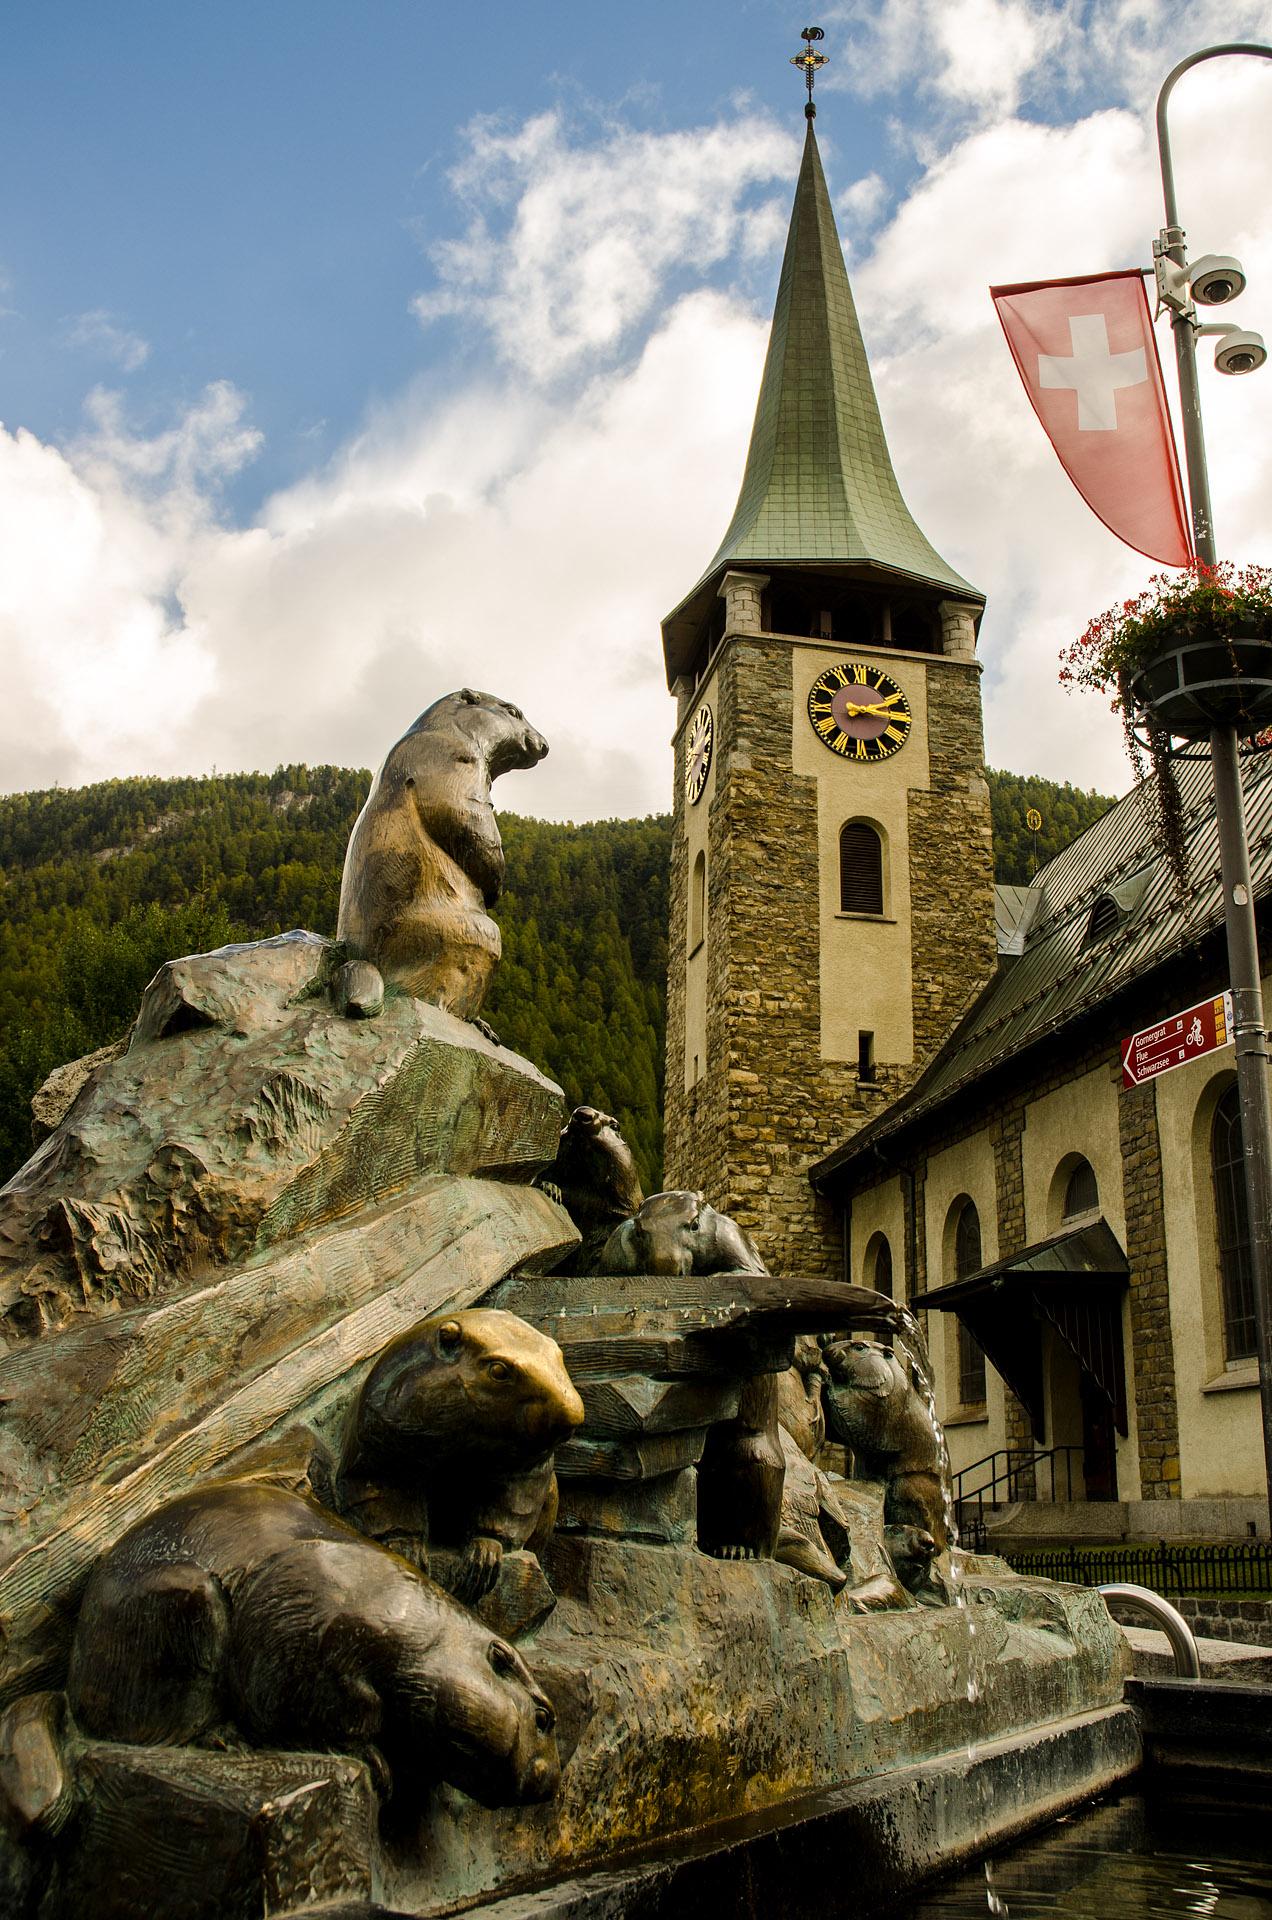 The Marmot Fountain